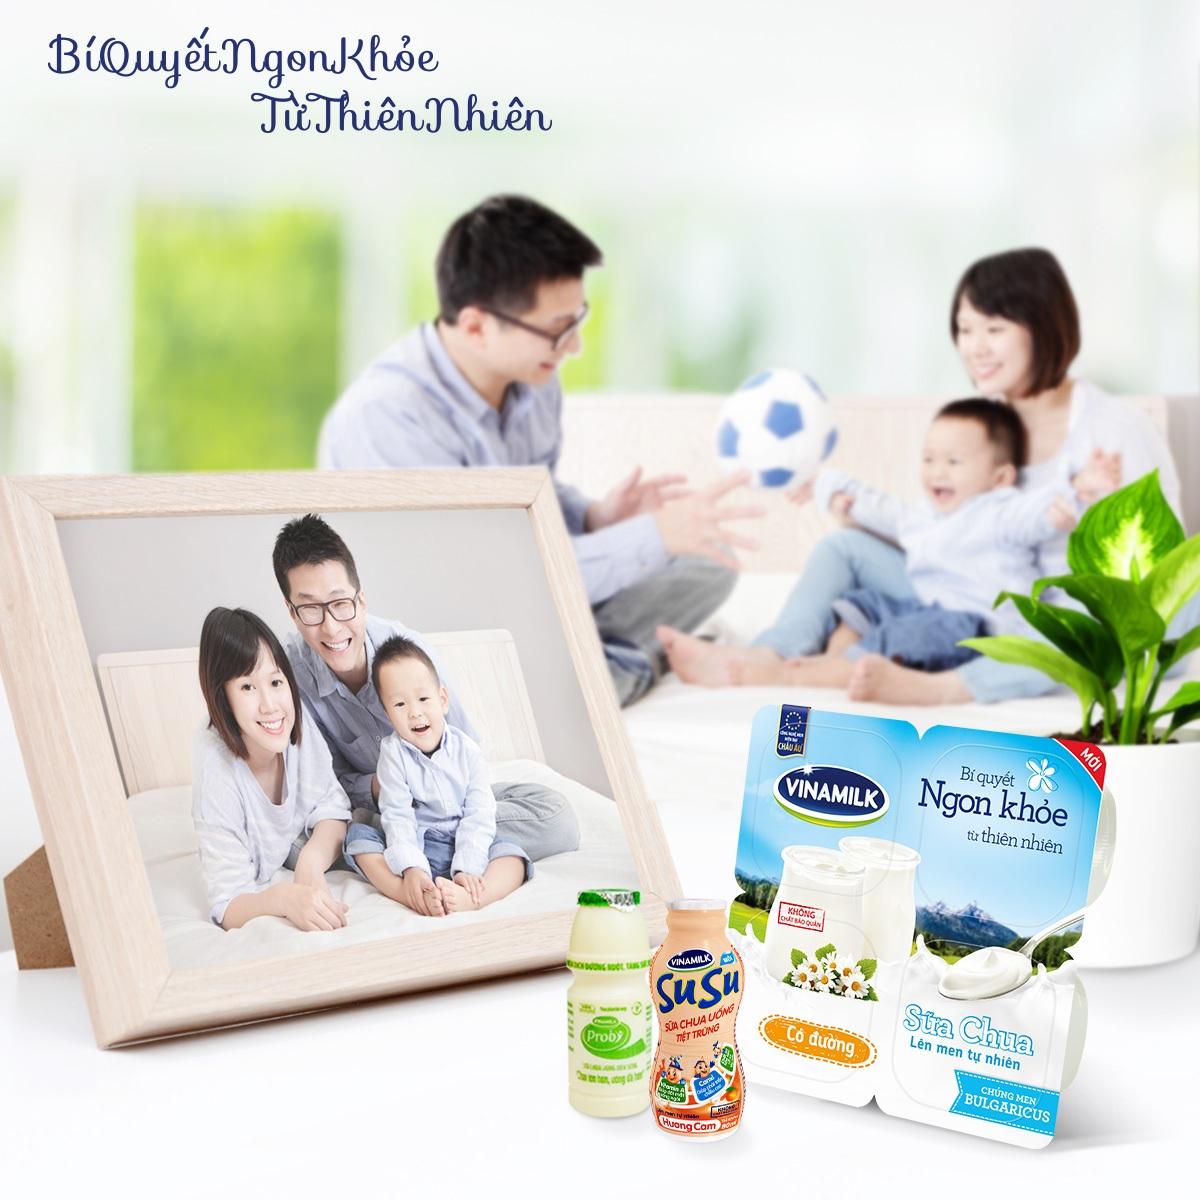 Sau 23 năm đầu tư hệ thống sản xuất sữa chua công nghiệp chuyên nghiệp, hiện nay dây chuyền sản xuất Vinamilk đang cung cấp đến 6,5 triệu hũ sữa chua mỗi ngày cho người tiêu dùng Việt Nam.